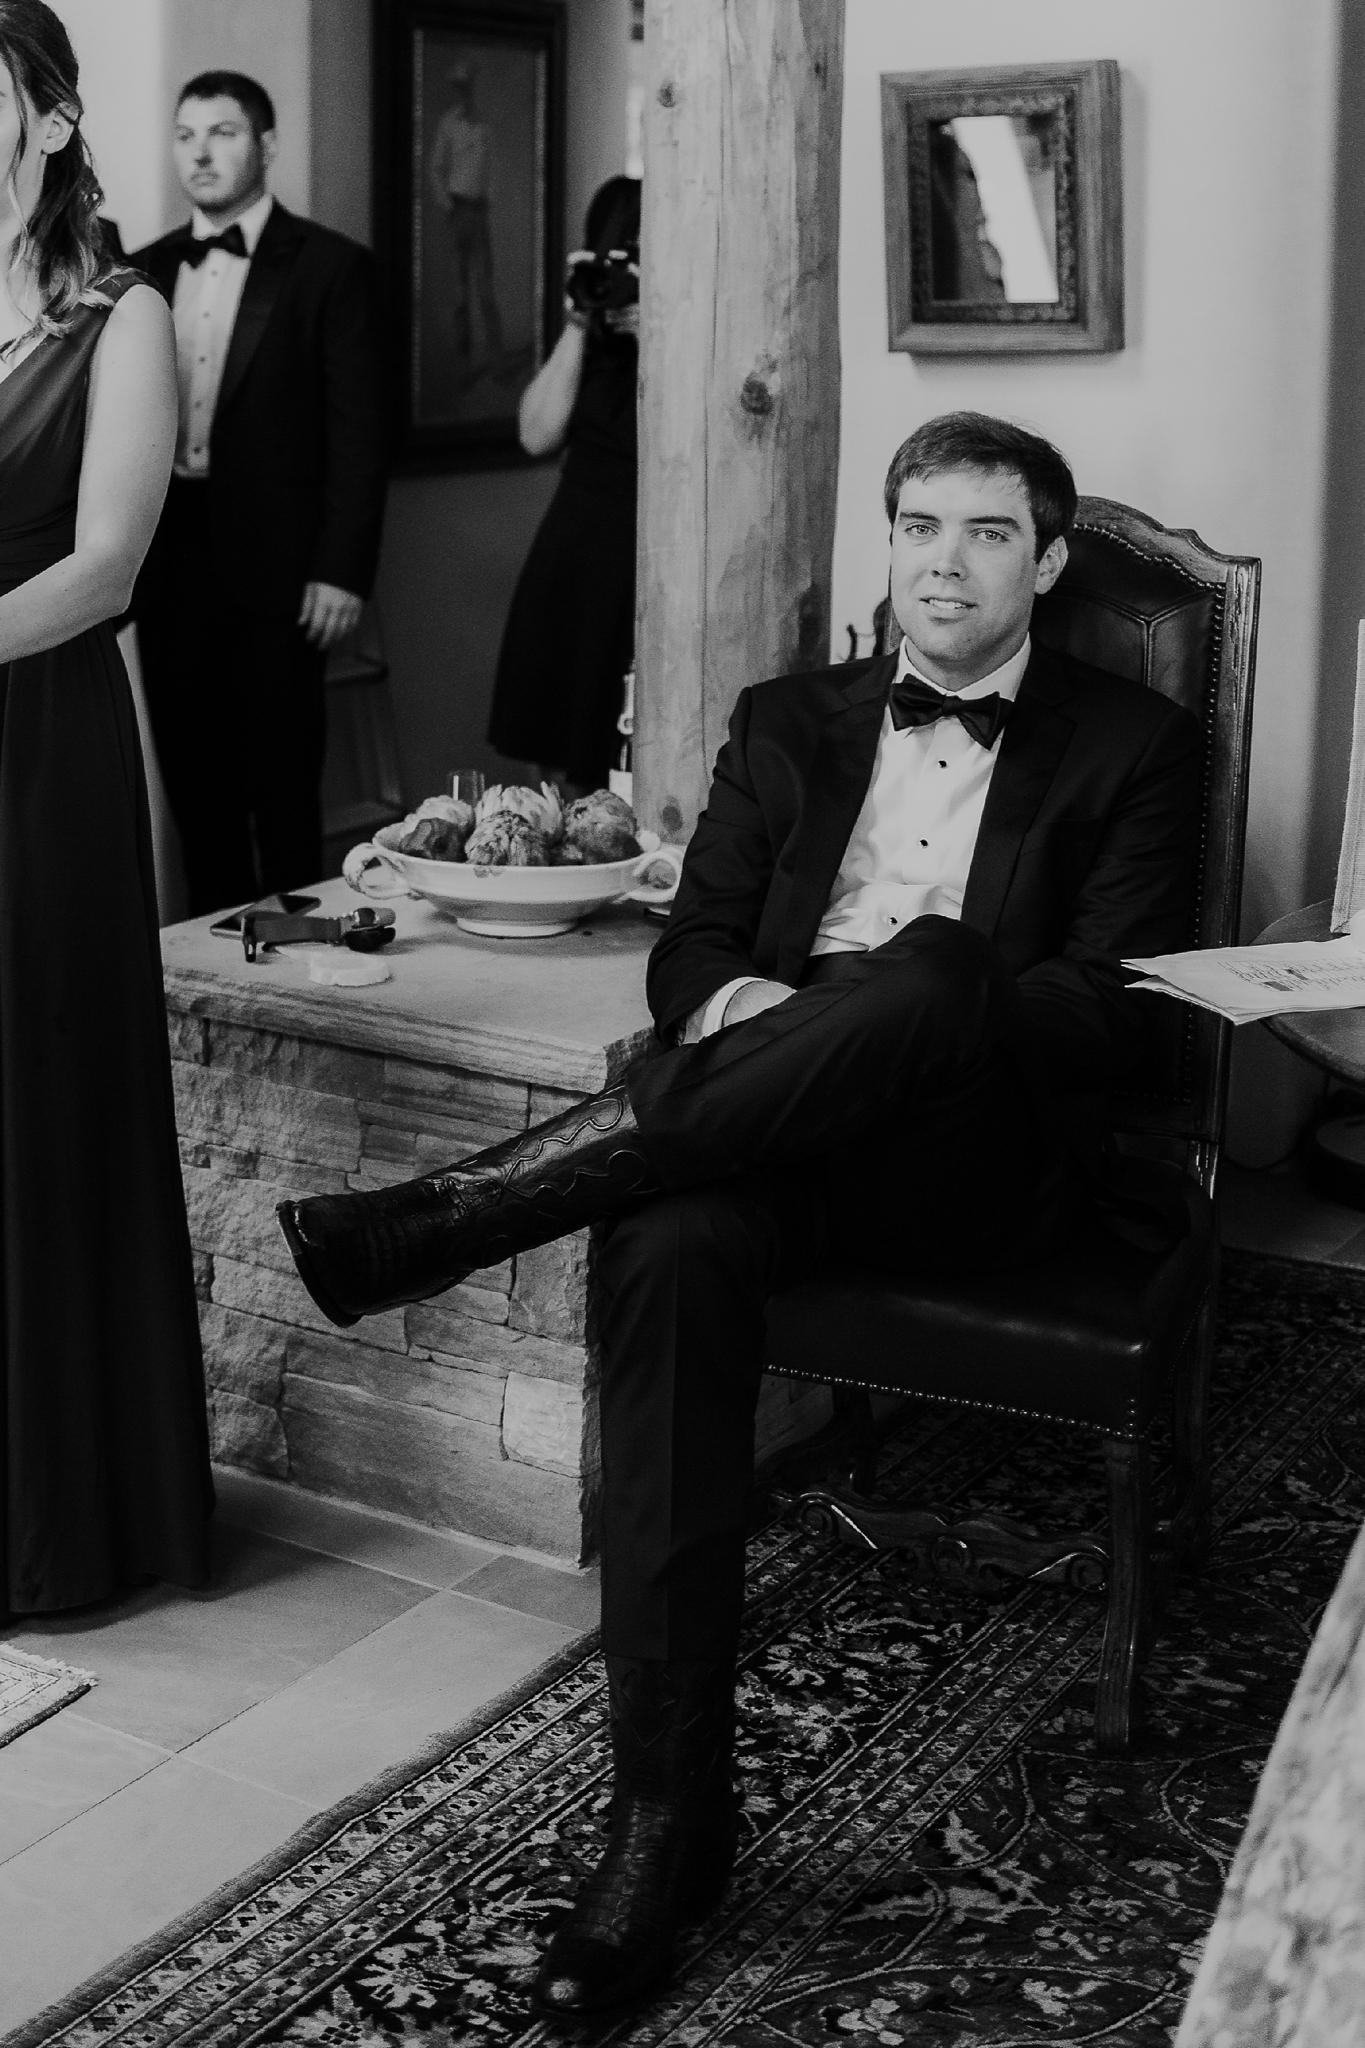 Alicia+lucia+photography+-+albuquerque+wedding+photographer+-+santa+fe+wedding+photography+-+new+mexico+wedding+photographer+-+new+mexico+wedding+-+las+campanas+wedding+-+santa+fe+wedding+-+maximalist+wedding+-+destination+wedding_0038.jpg